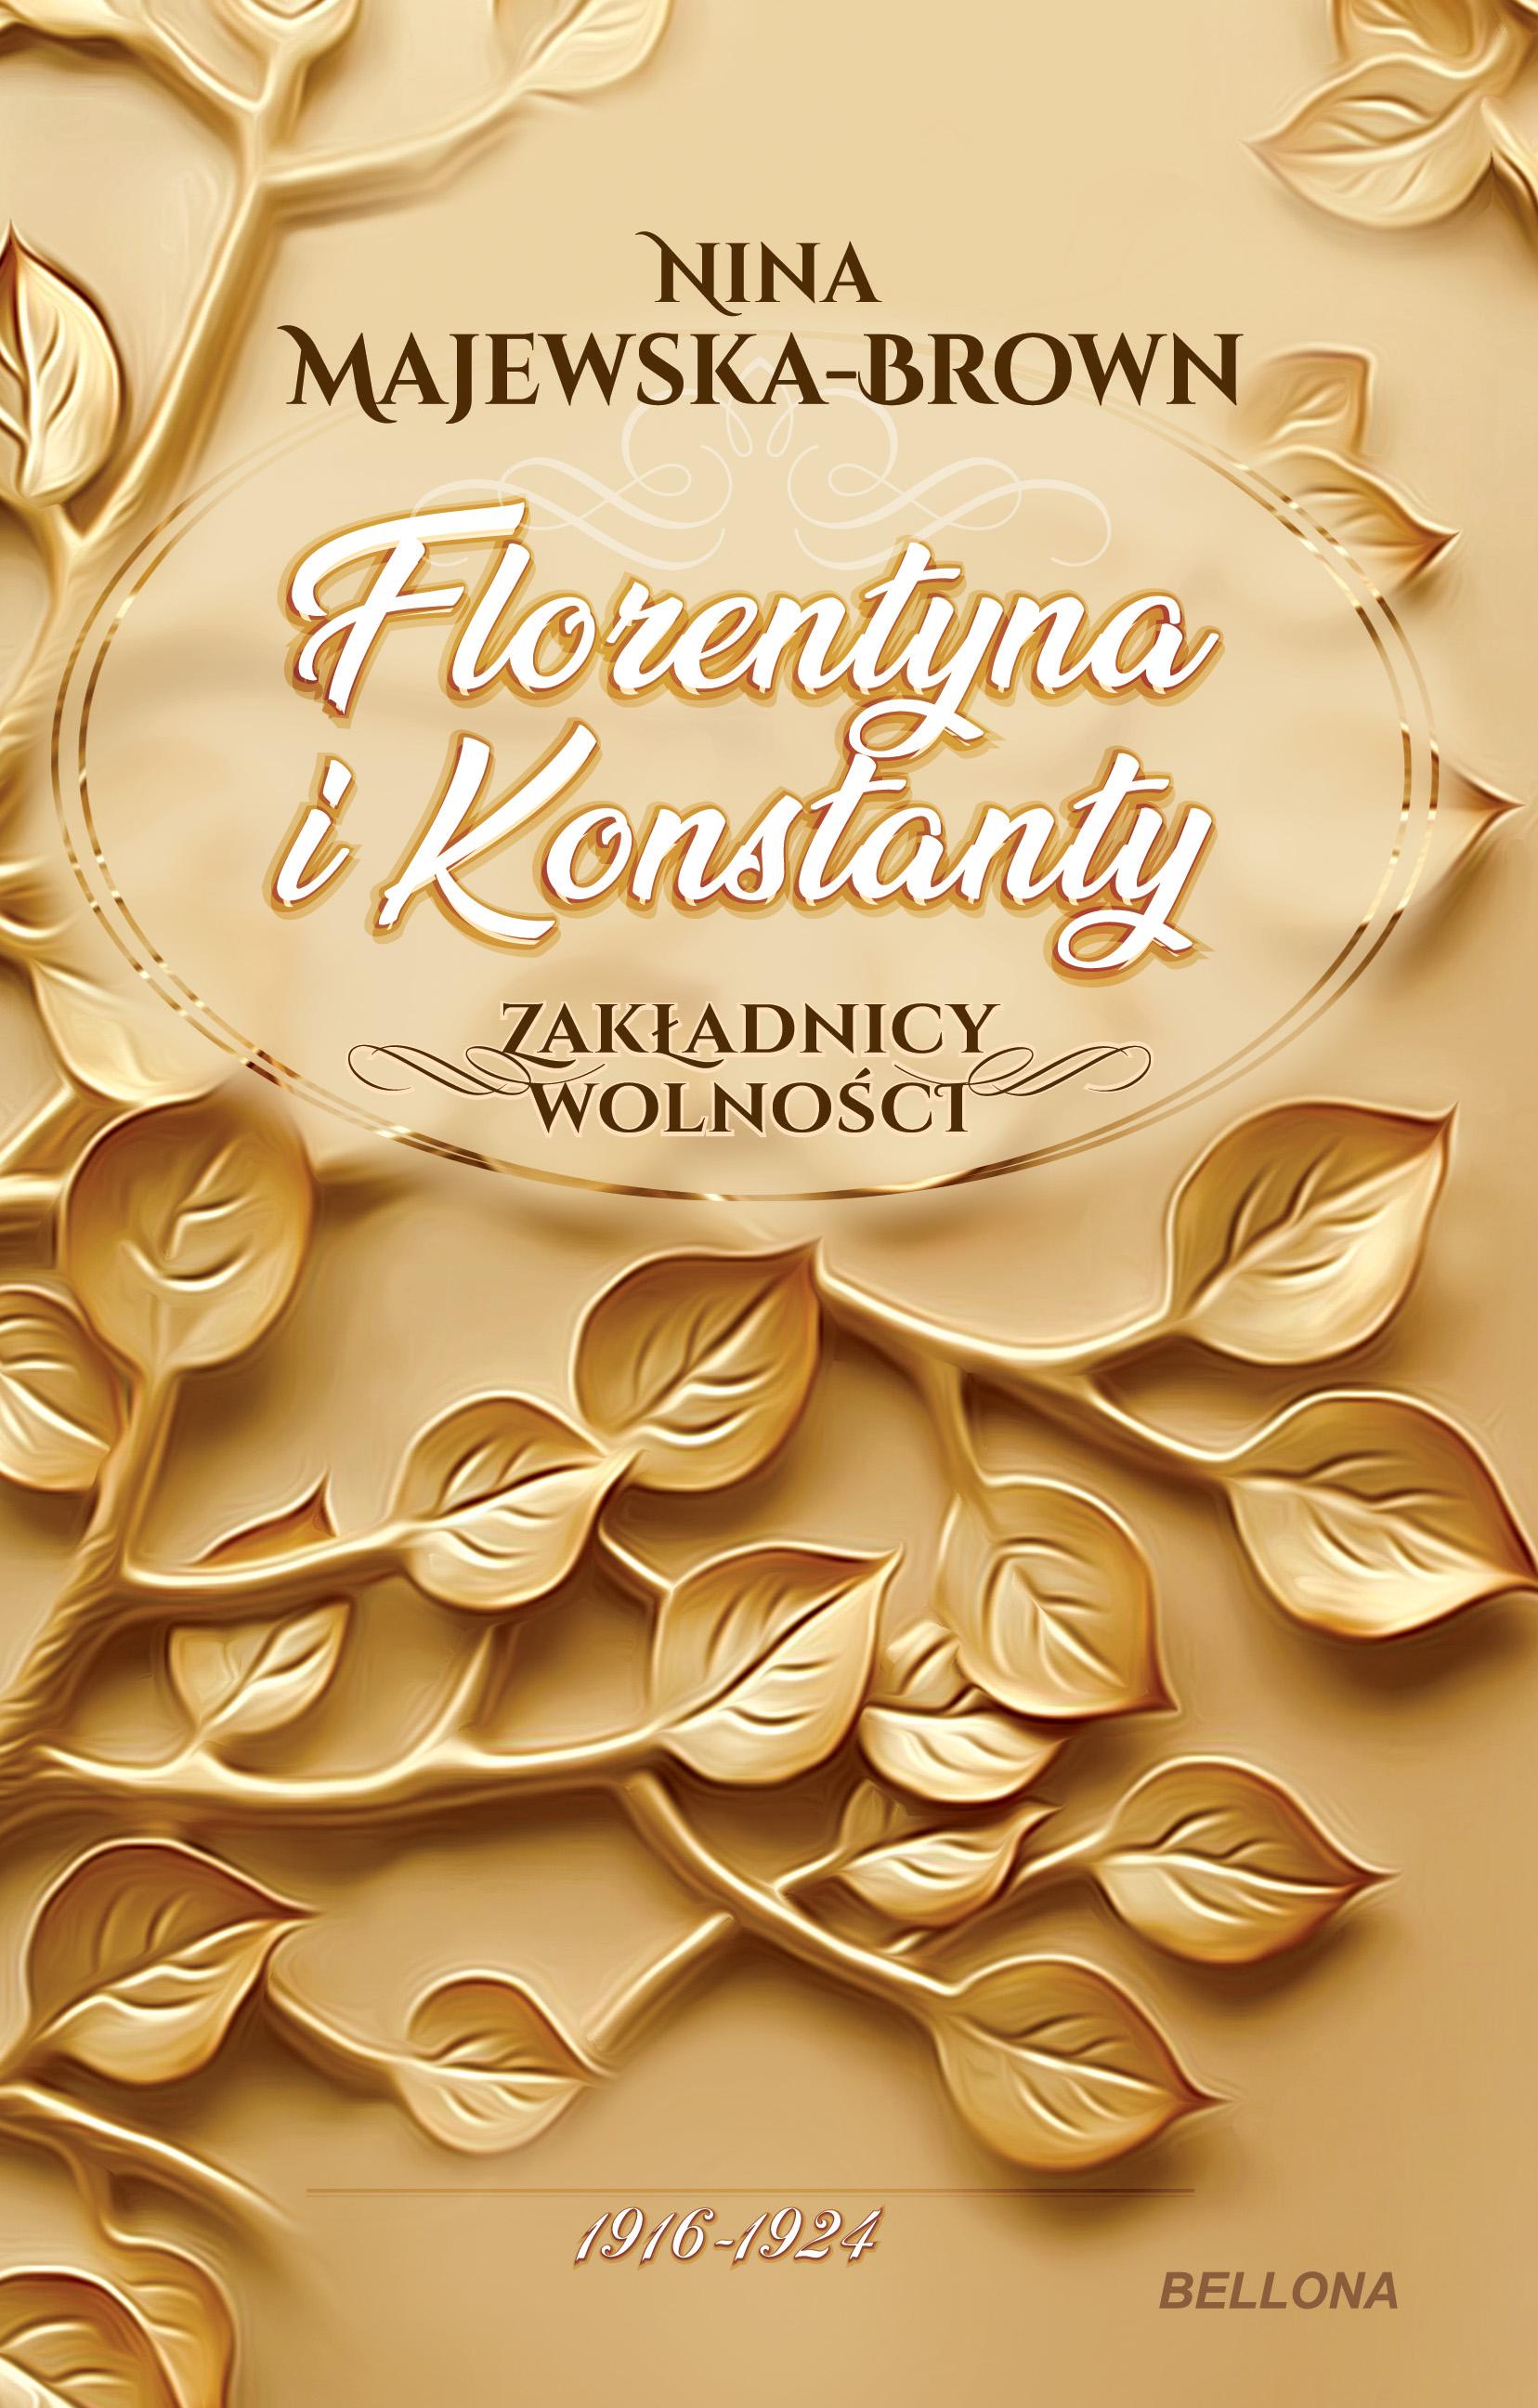 Florentyna i Konstanty 1916-1924. Zakładnicy wolności